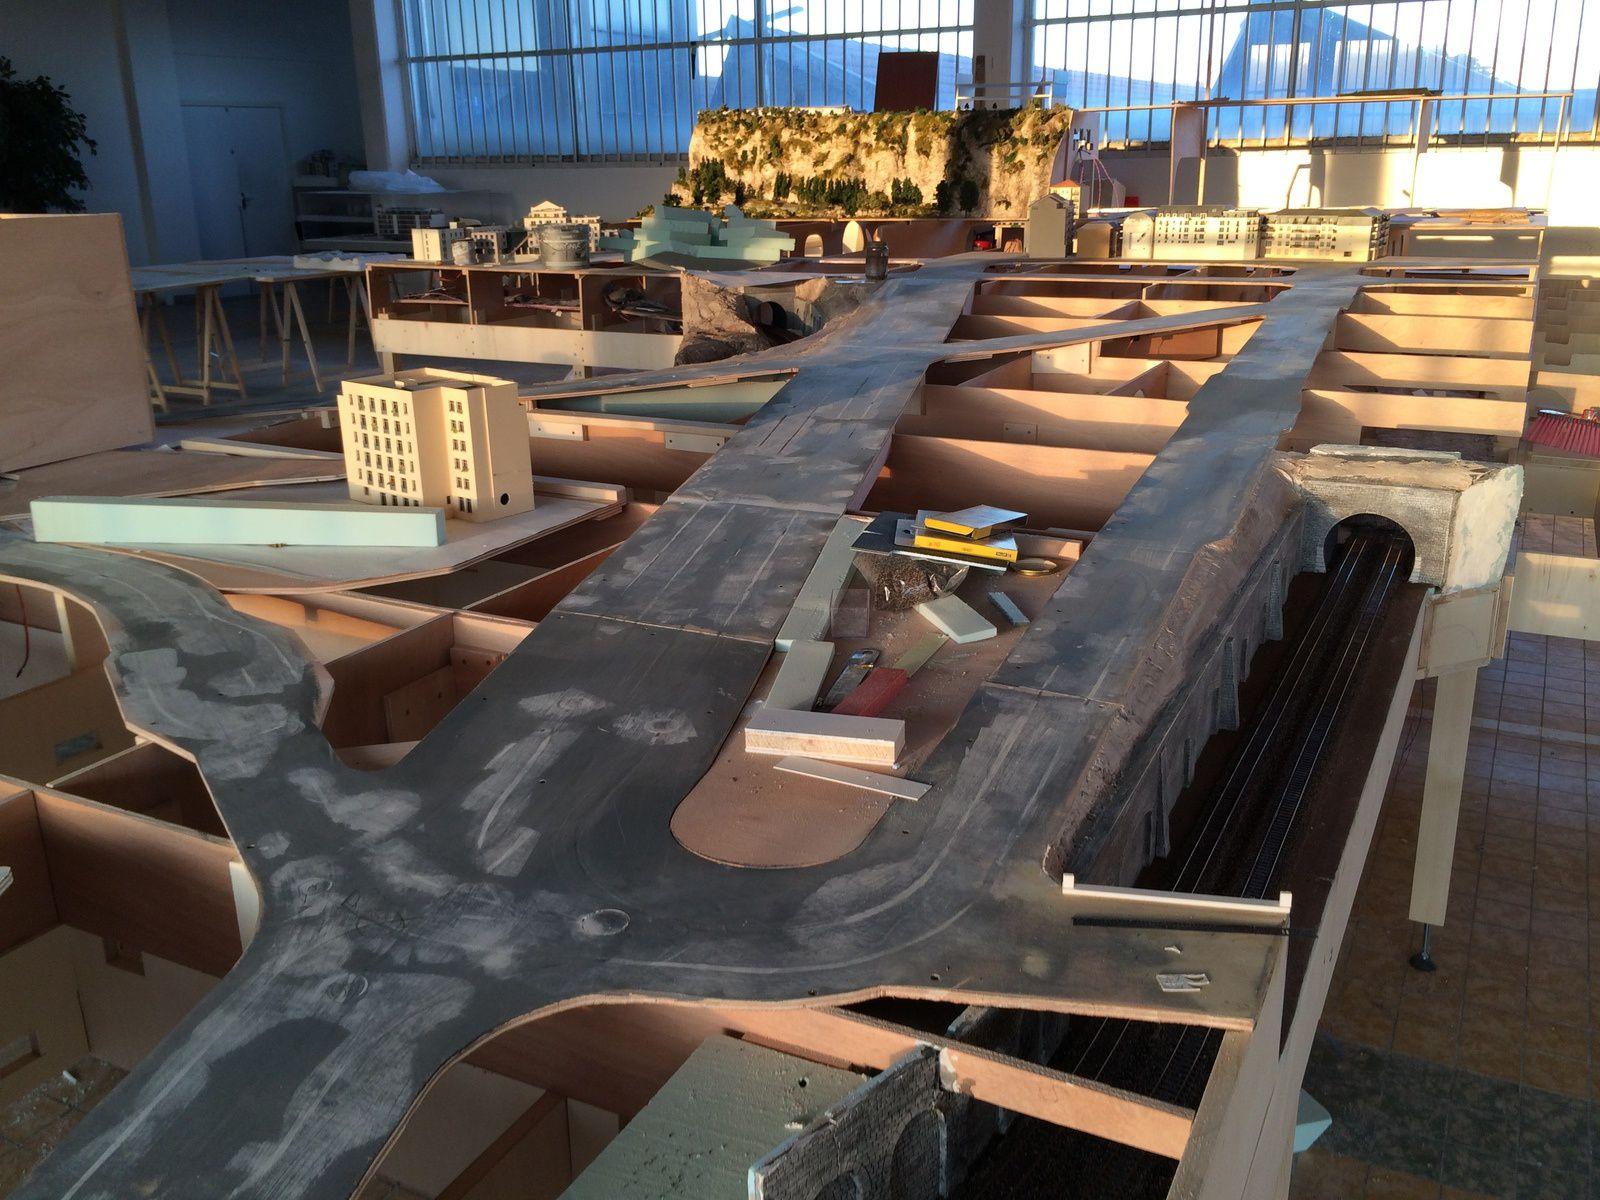 Vidéo de la construction, semaine du 21 au 25 Avril 2014 - Mini World Lyon - Première partie